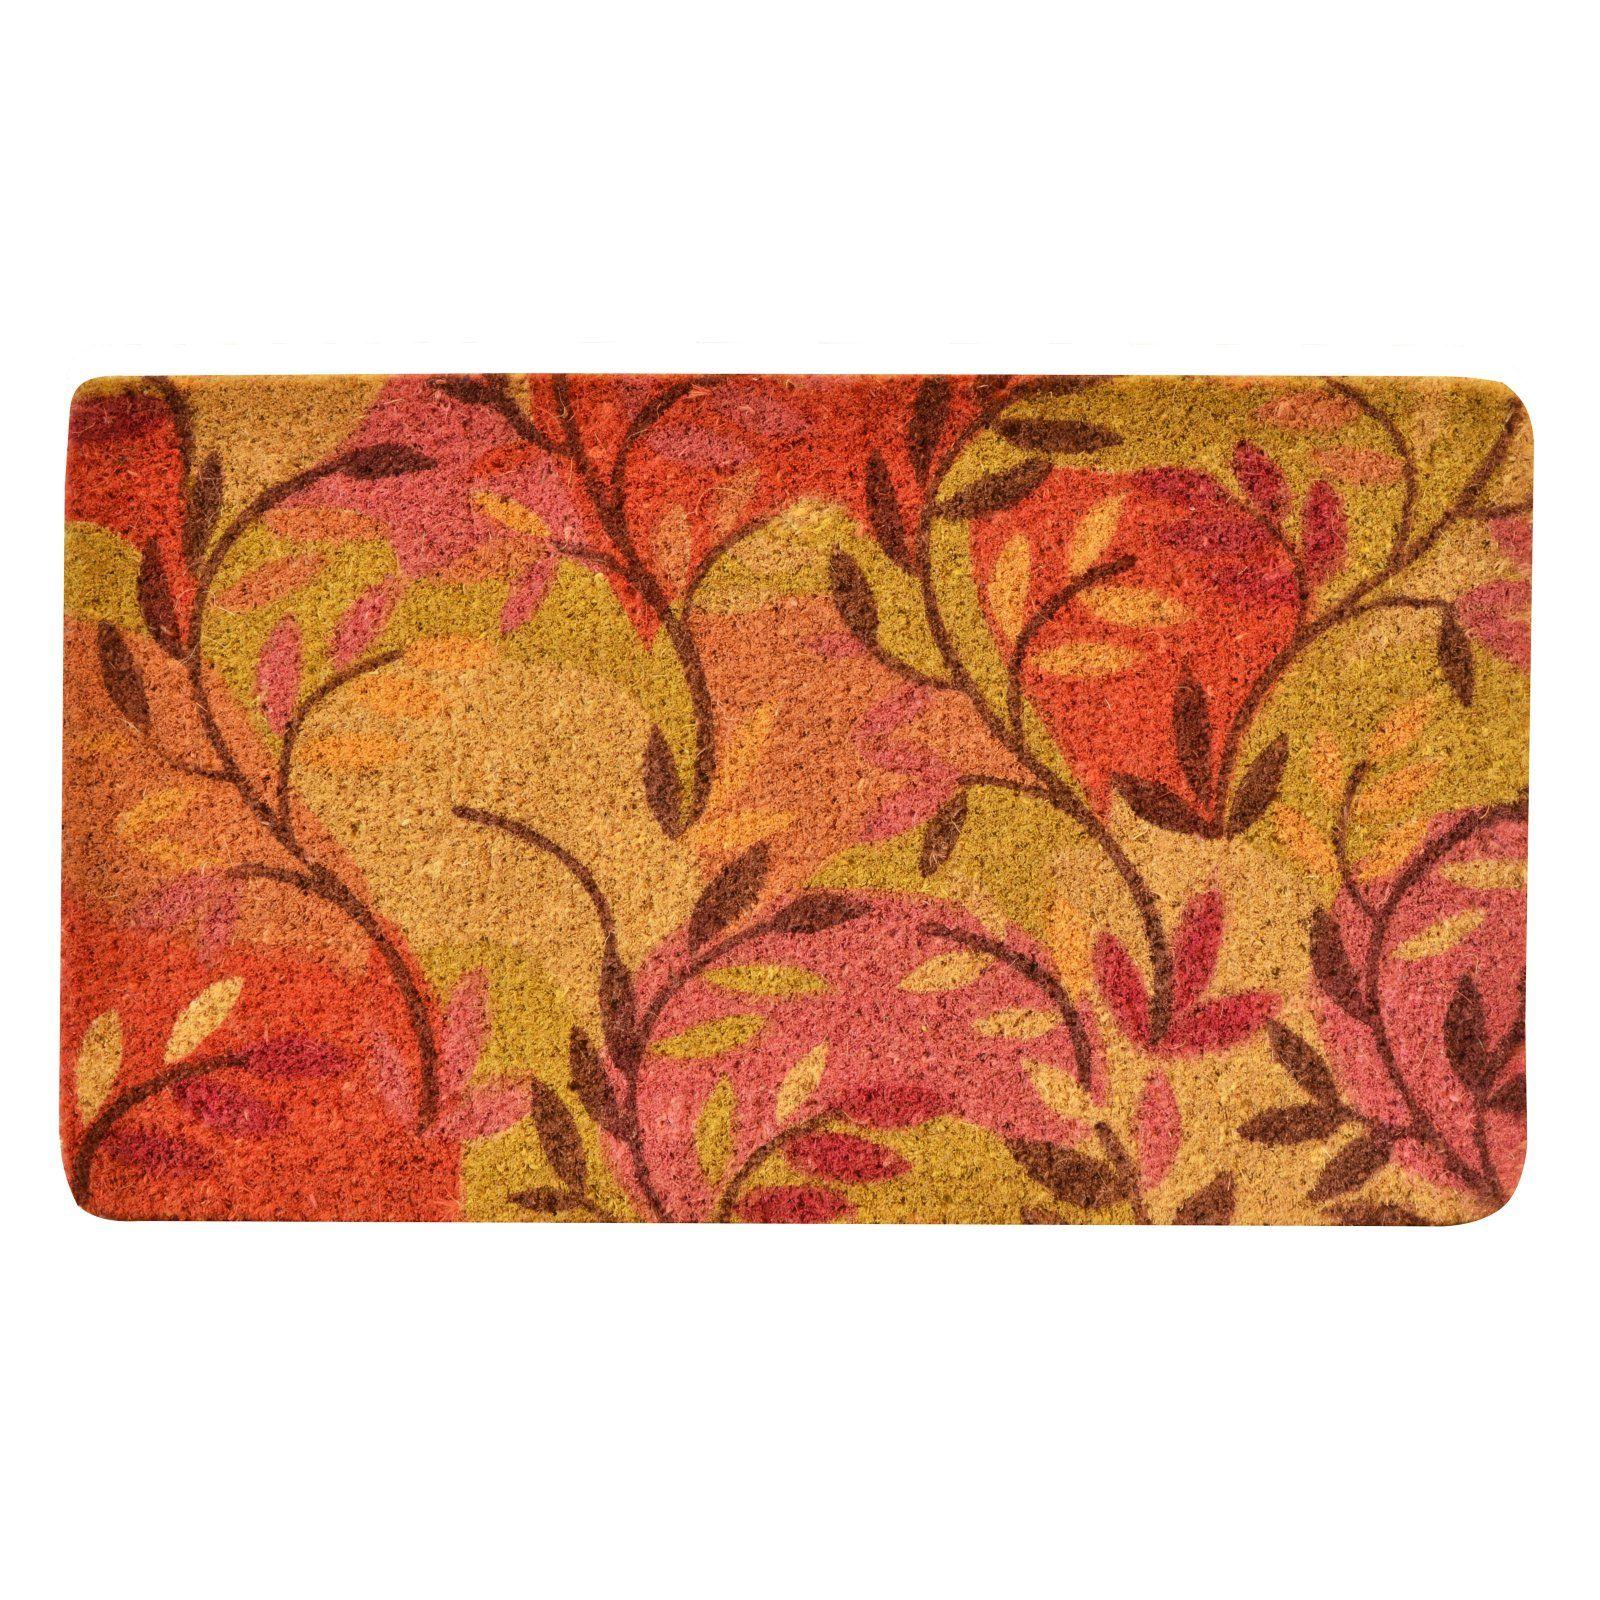 No Trax Multicolor Leaf Coir Door Mat Outdoor door mat